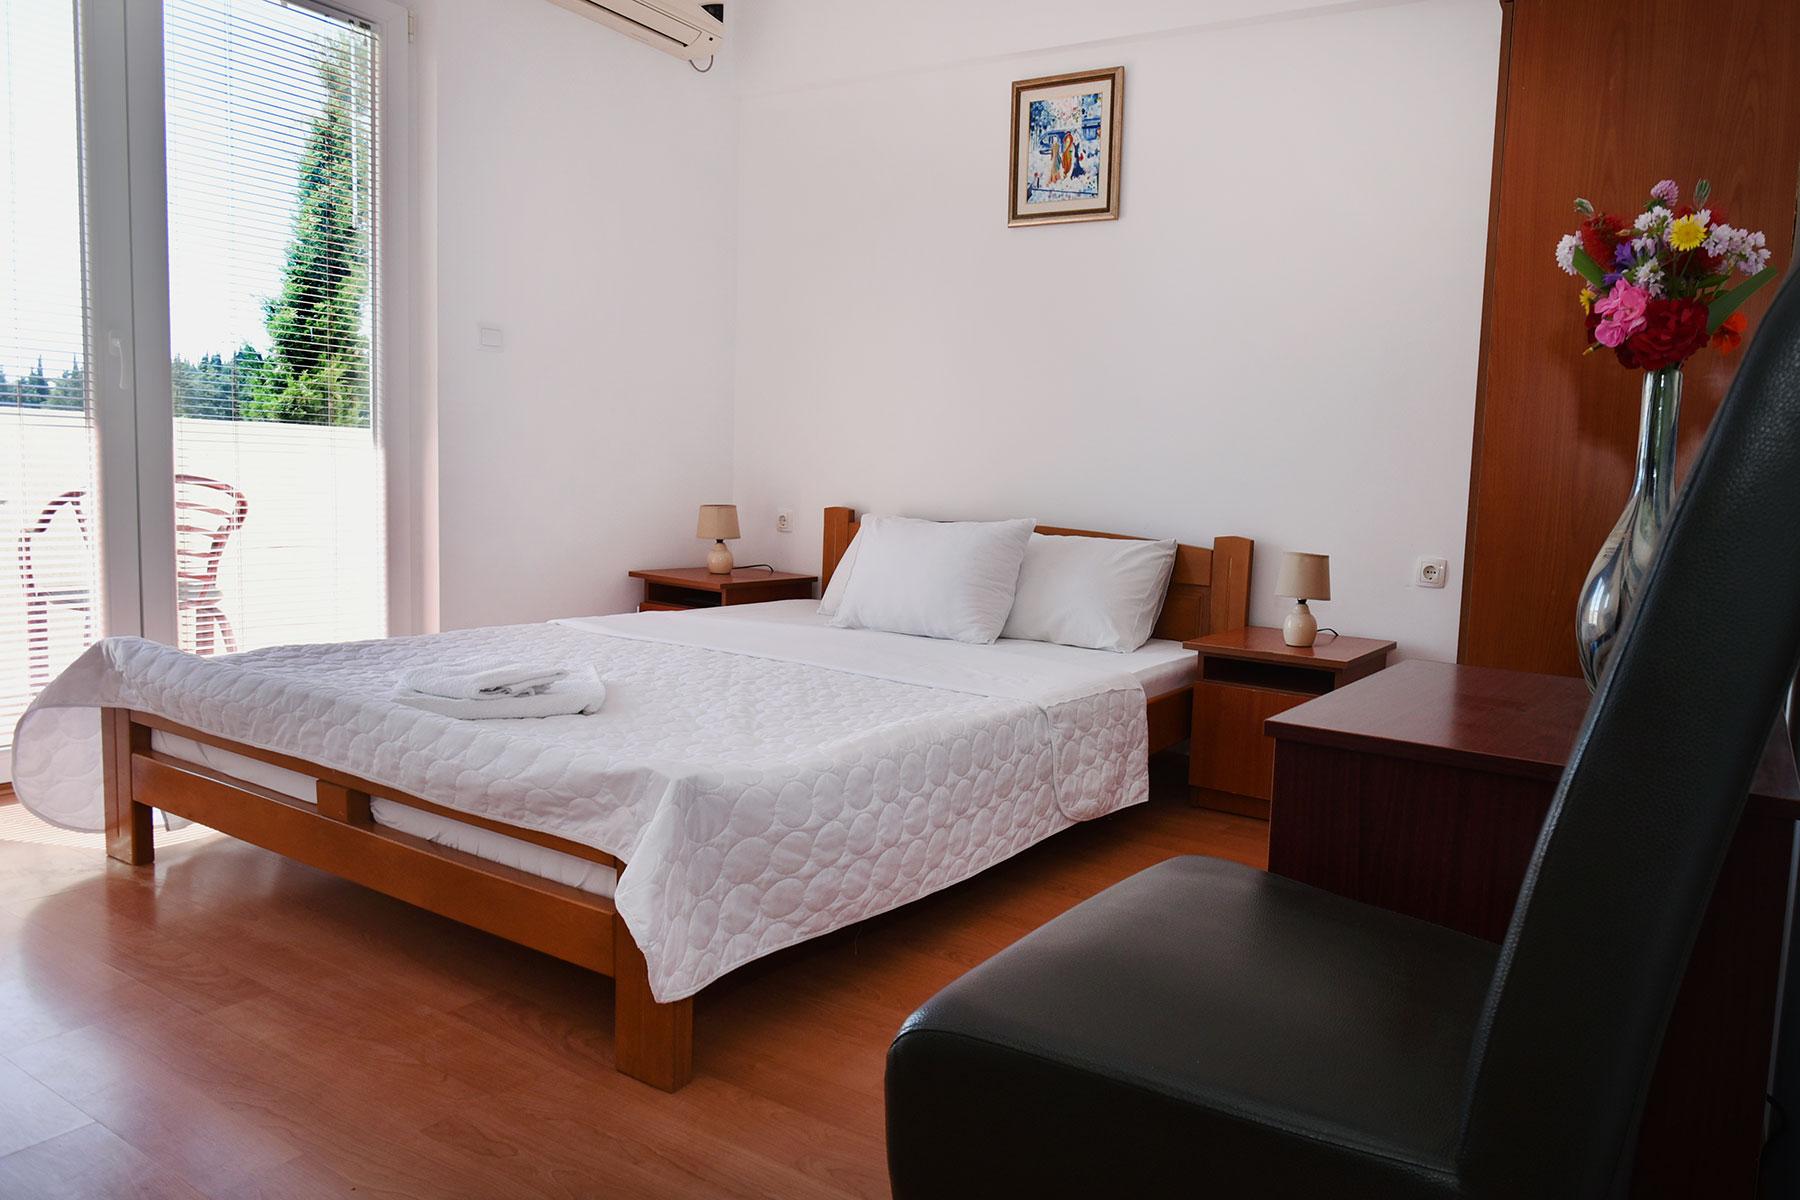 hotel-kapri-sobe-1